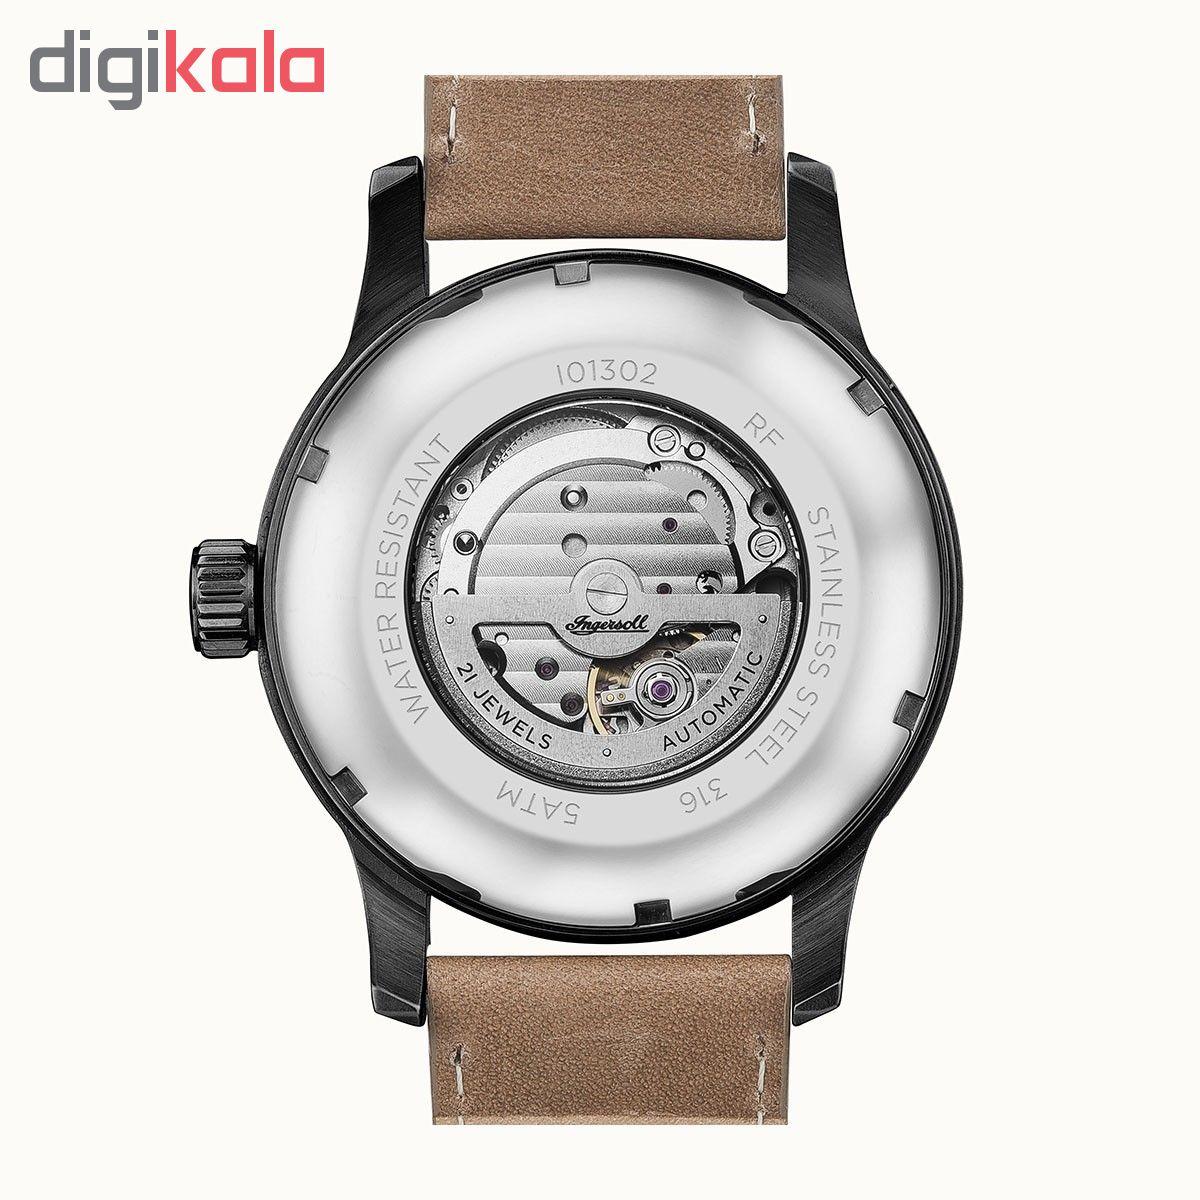 ساعت مچی عقربه ای مردانه اینگرسل مدل I01302